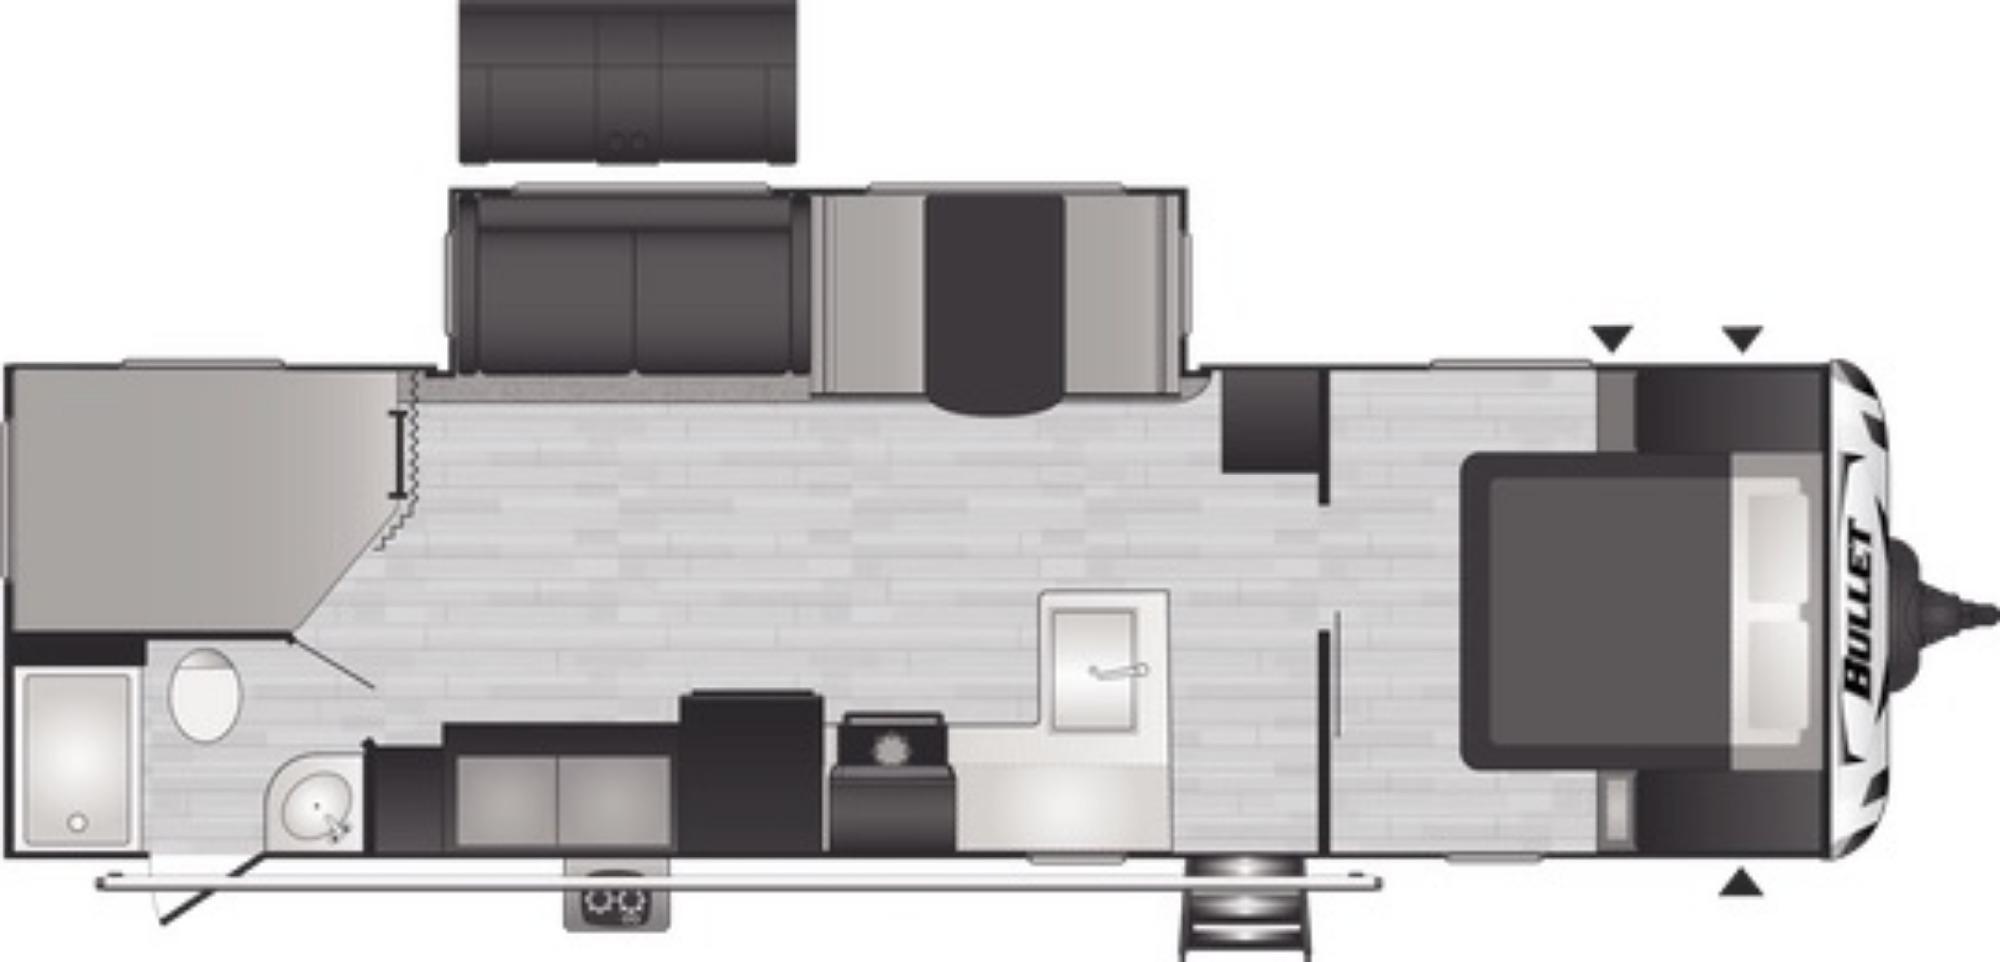 View Floor Plan for 2021 KEYSTONE BULLET 290BHSWE